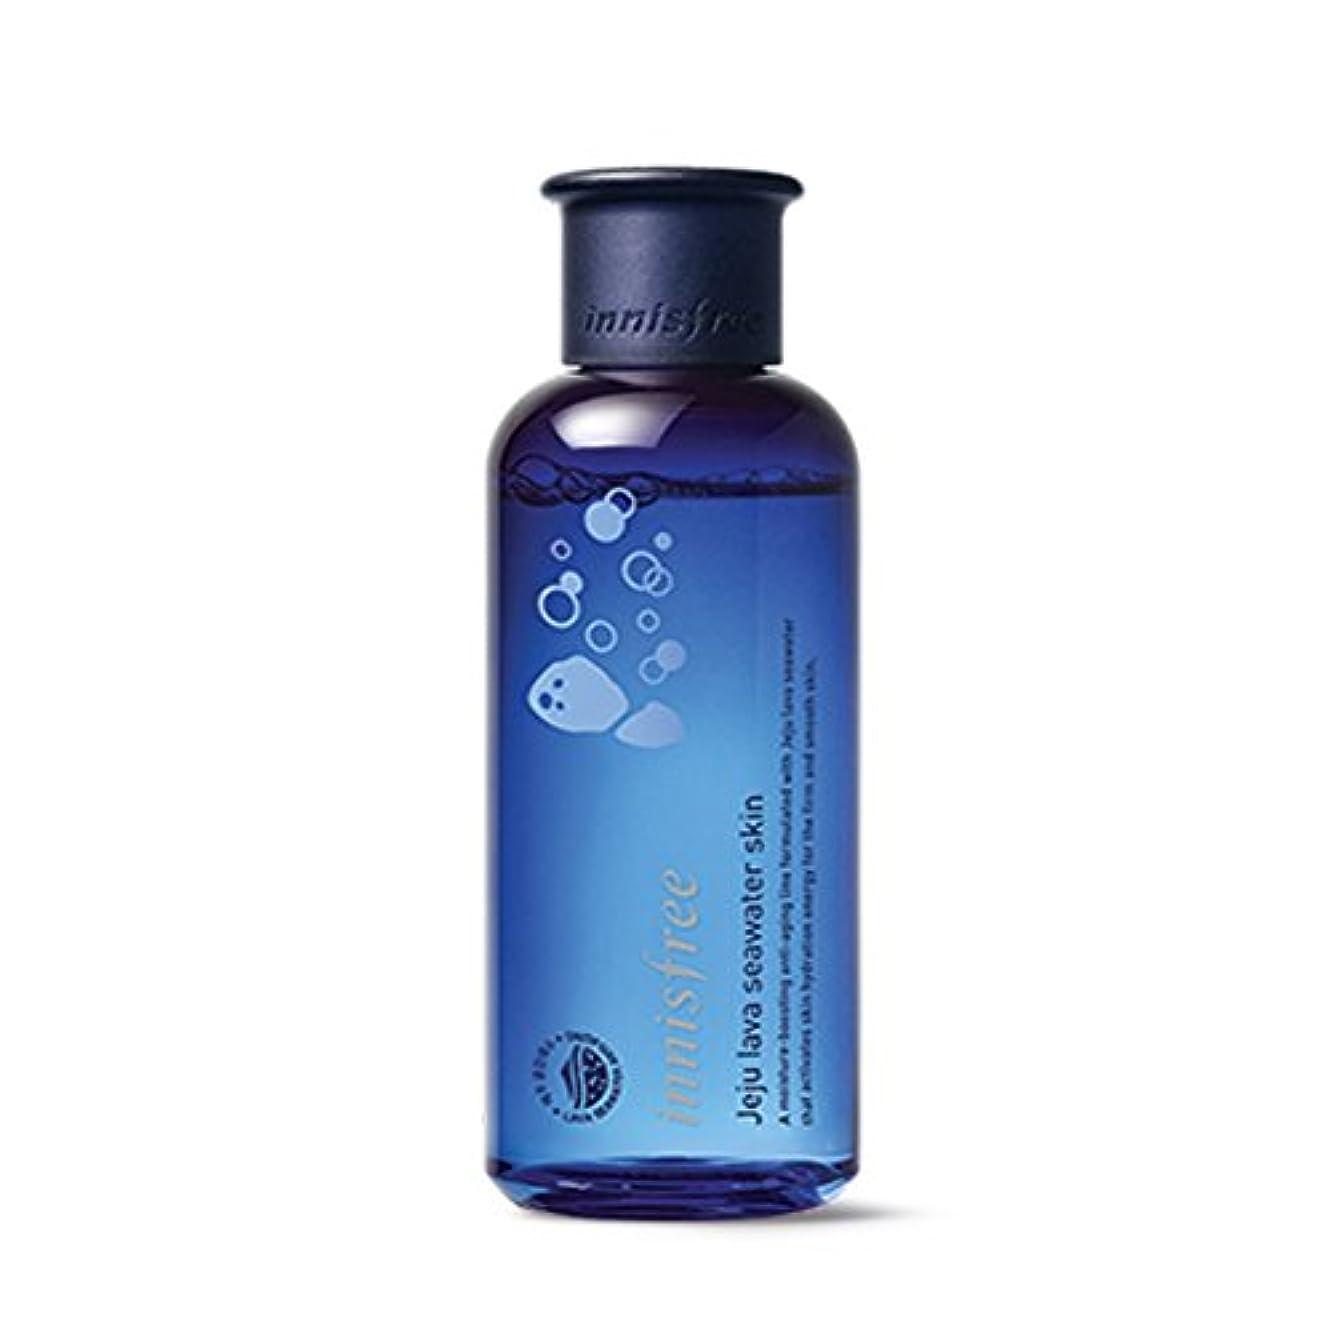 療法リラックスした賭けイニスフリージェジュラブシーウォータースキン(トナー)200ml Innisfree Jeju Lava Seawater Skin(Toner) 200ml [外直送品][並行輸入品]